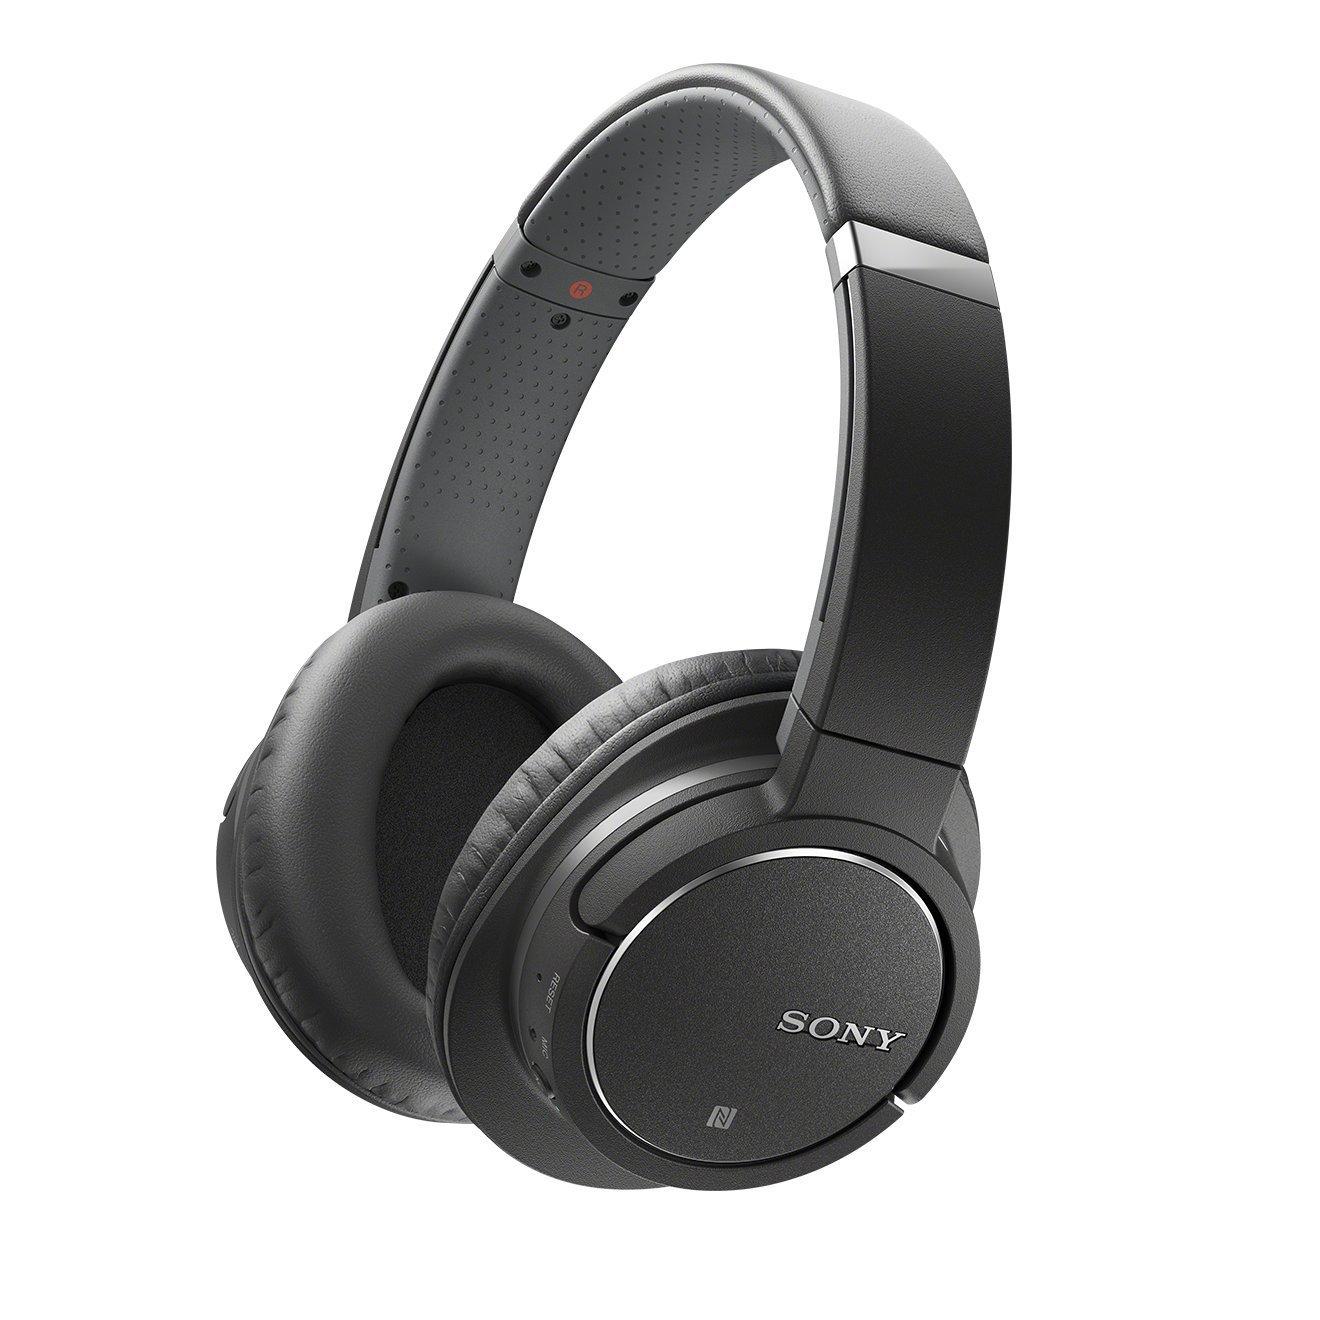 [Amazon.it] Sony MDR-ZX770BN Wireless Kopfhörer mit Bluetooth, NFC, ANC und Micro für 64,39 statt Idealo 94,03€